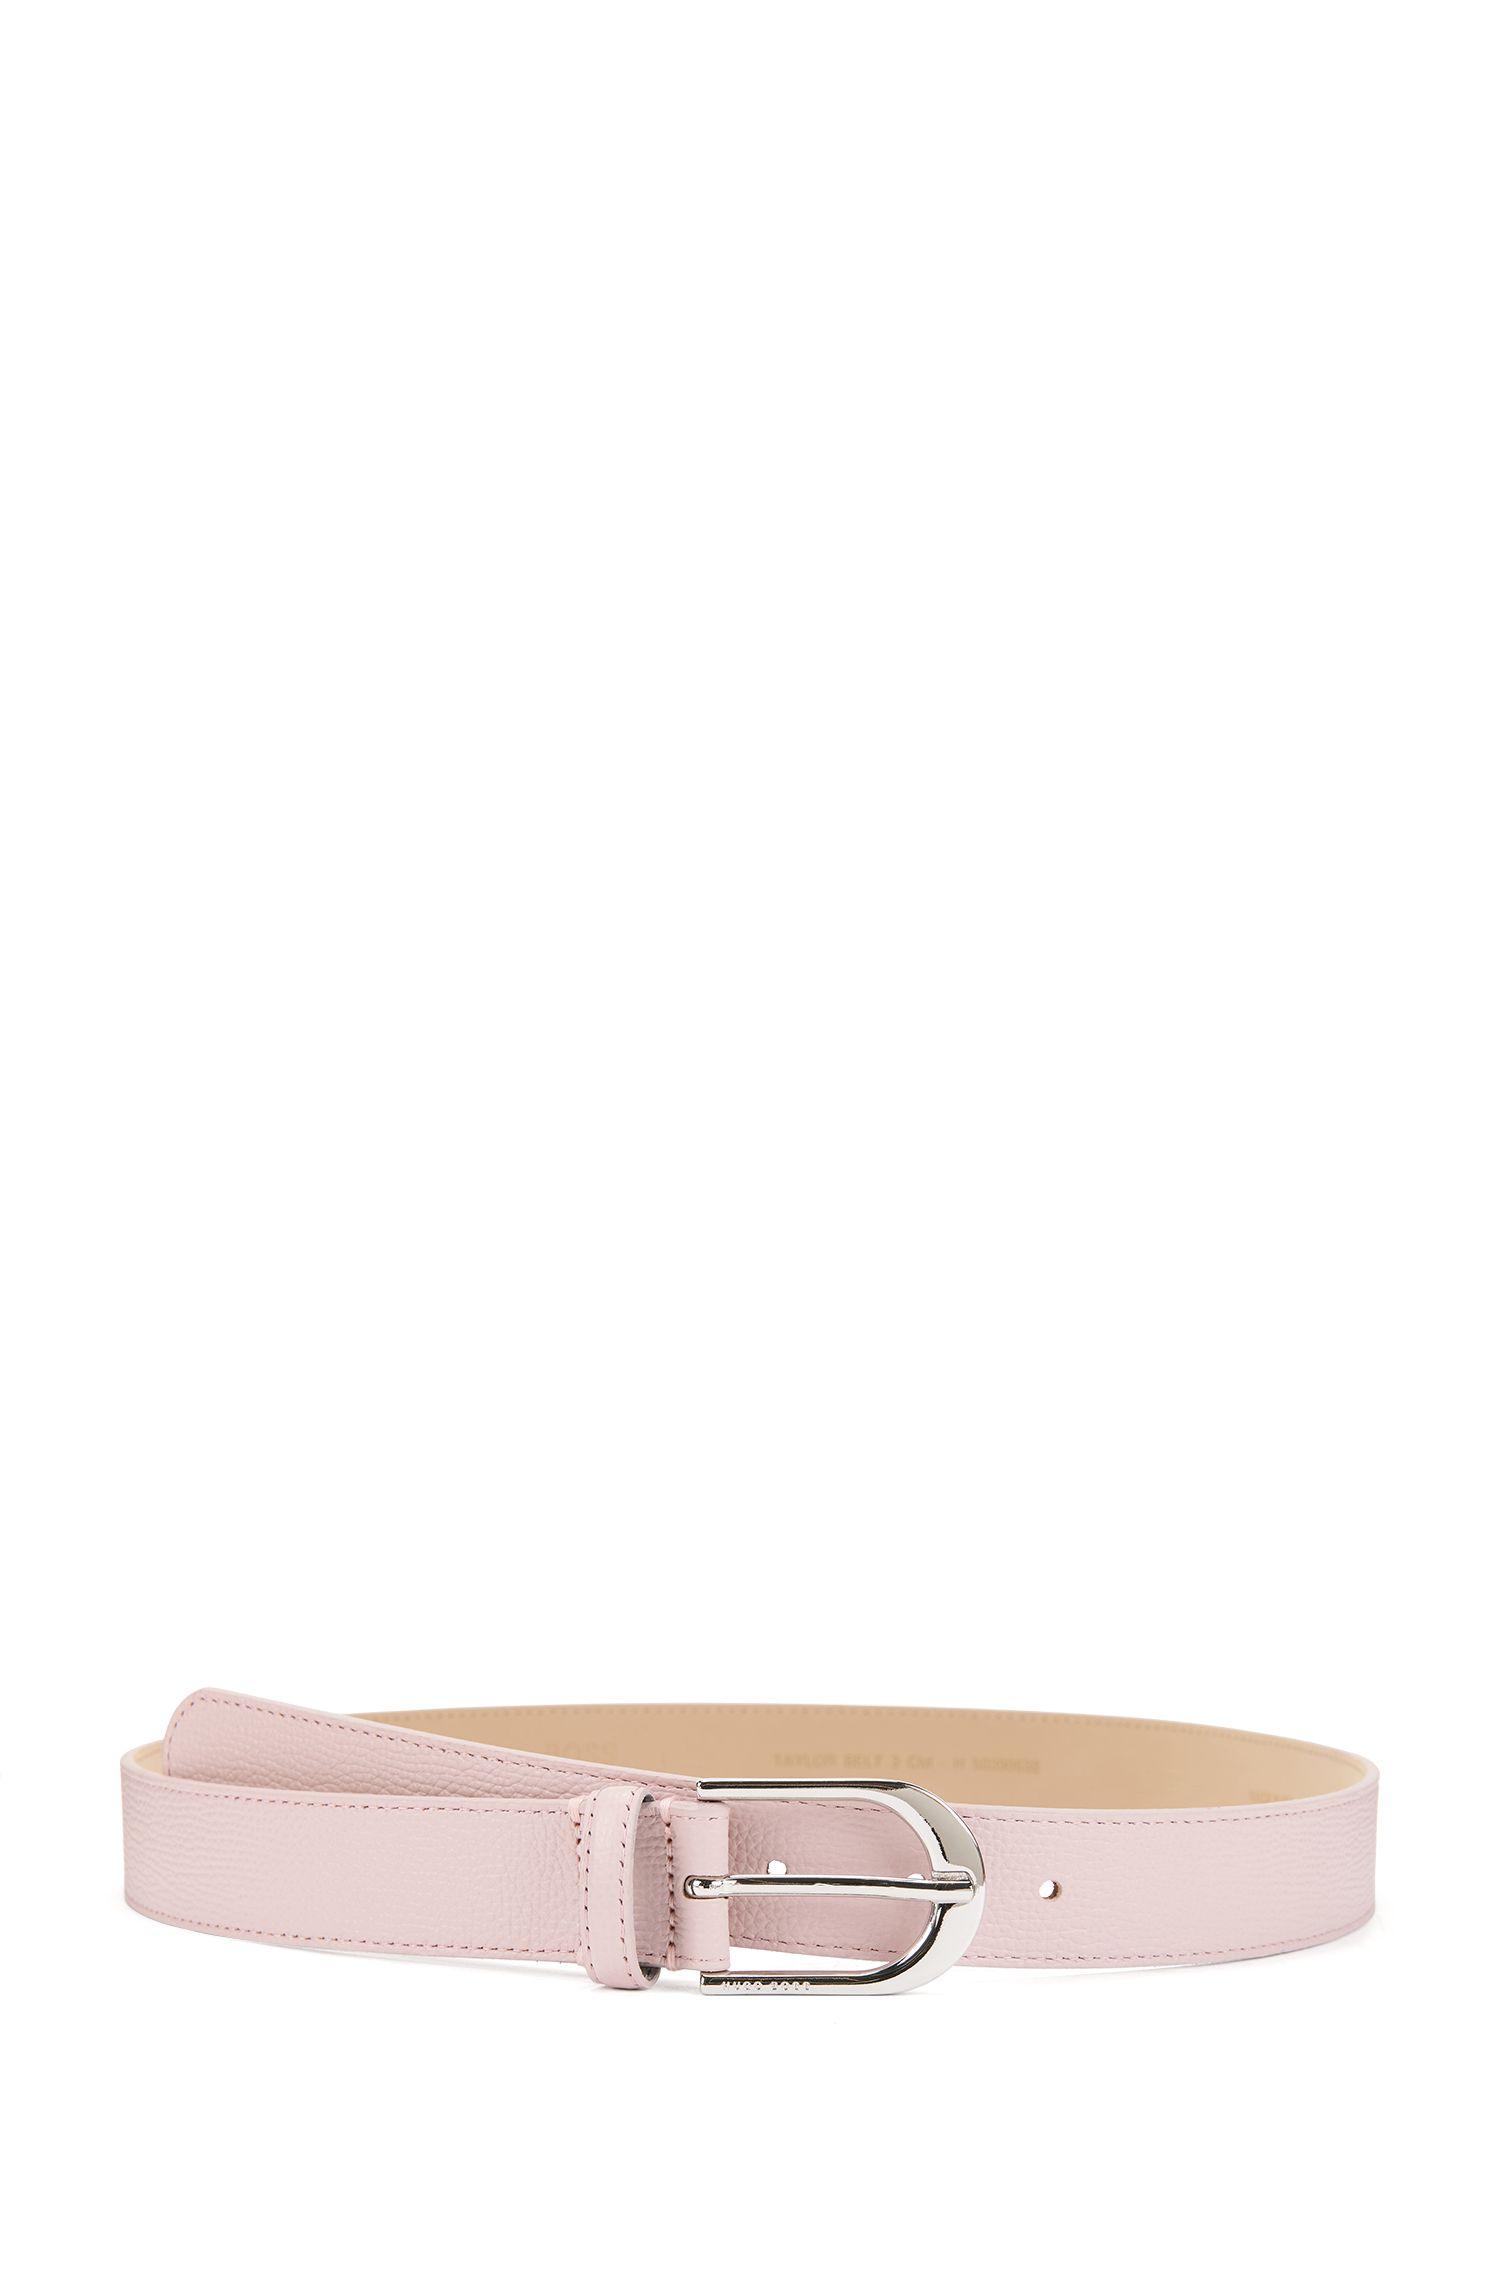 Cintura in pelle realizzata in Italia con fibbia effetto argento lucido, Rosa chiaro